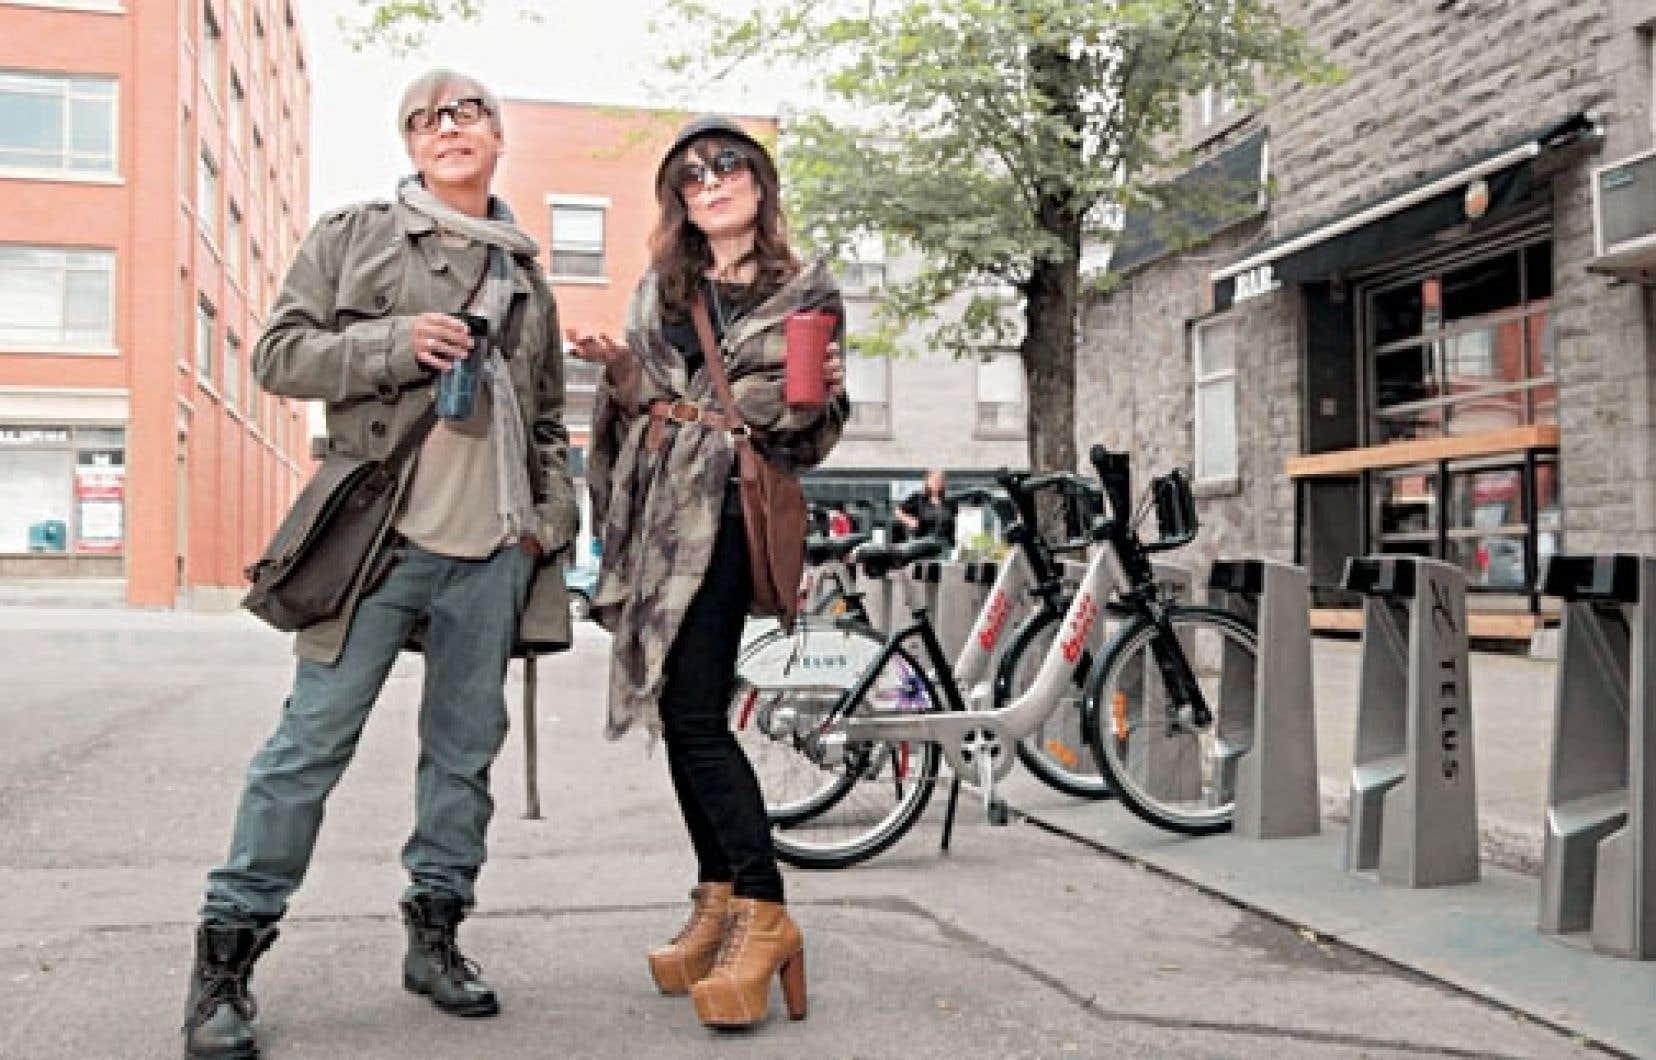 Dans Les bobos, on voit Étienne et Sandrine Maxou, interprétés par Marc Labrèche et Anne Dorval, vanter l'usage du Bixi, entre autres.